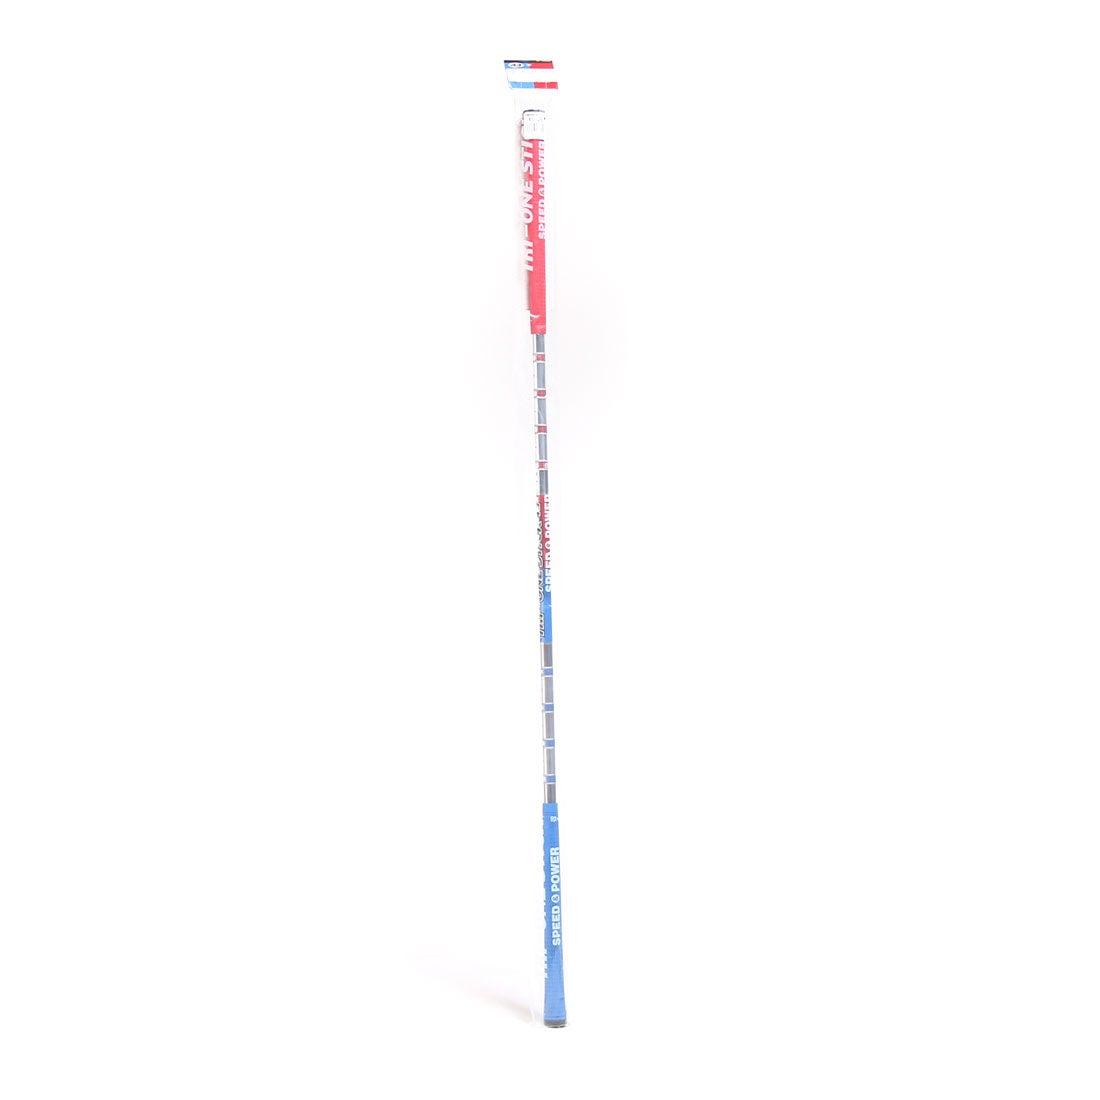 ゴルフ5 GOLF5 ユニセックス ゴルフ スイング練習器具 TRI-ONE STICK 43 トライワンS43